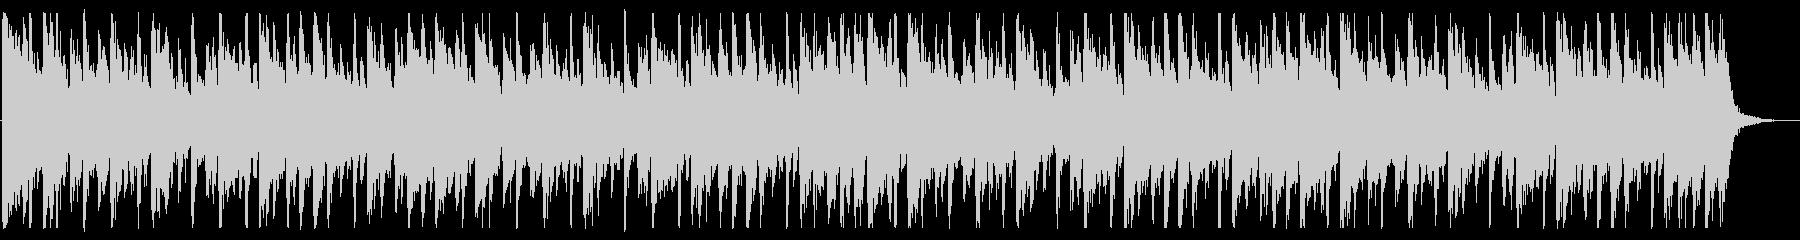 賑やかしくポップなBGM_No617_5の未再生の波形